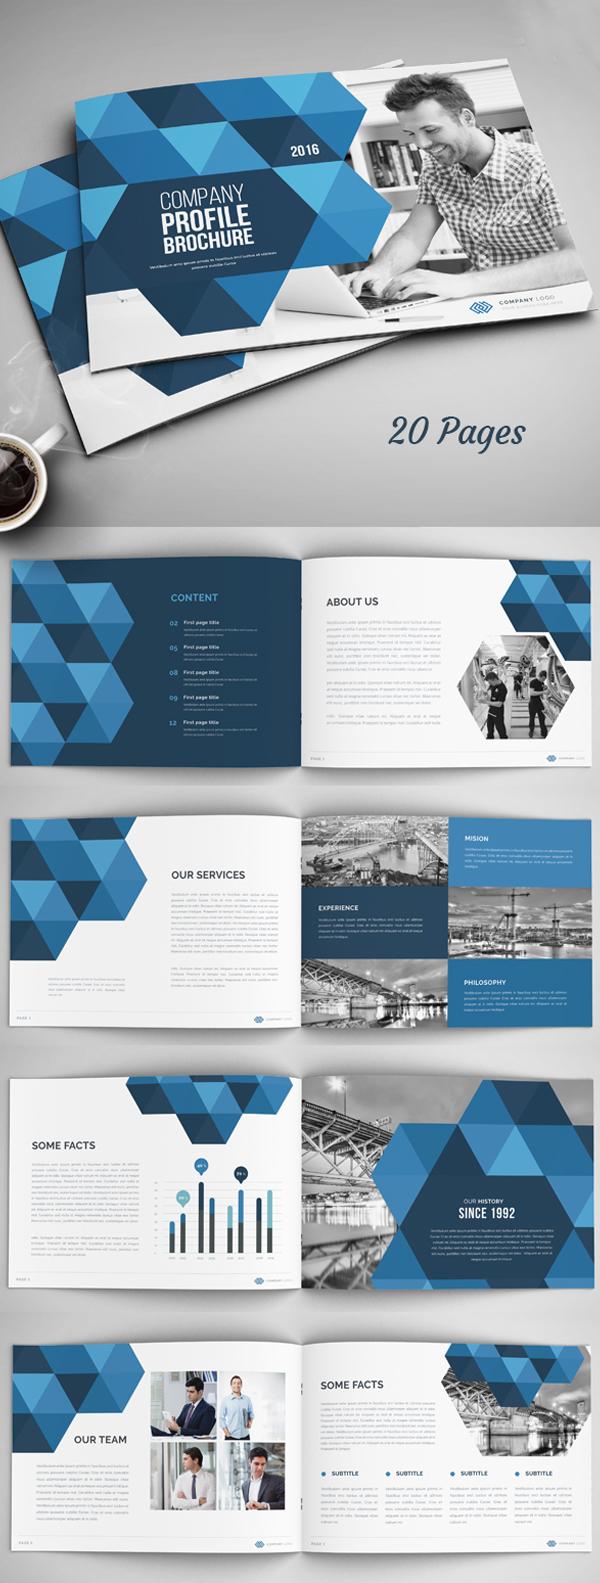 上海画册设计公司创意画册-20页年度报告/公司简介宣传册设计模板